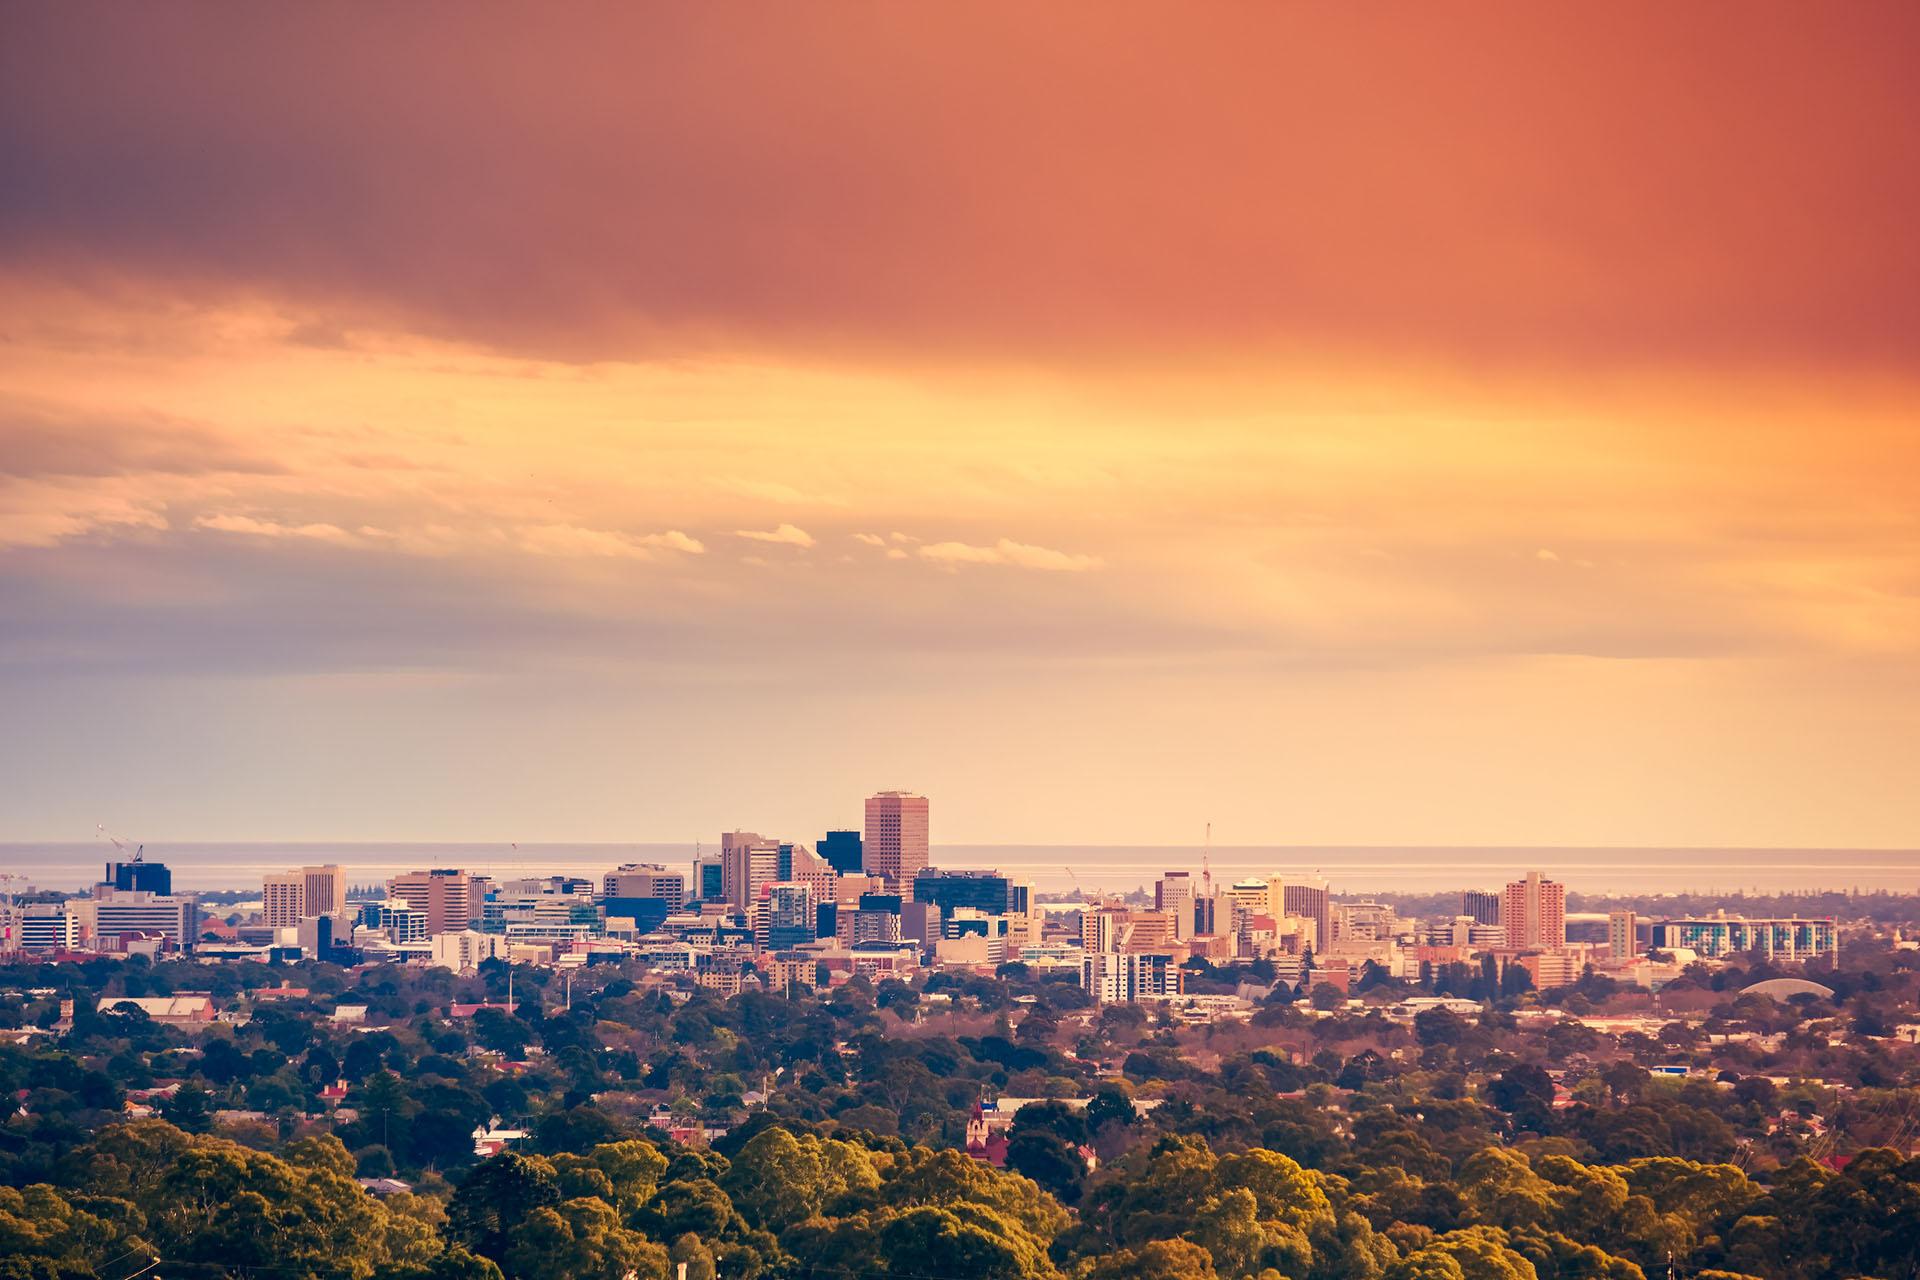 Con un estilo de vida envidiable entre lo urbano y lo natural, es la décima ciudad más habitable del ranking